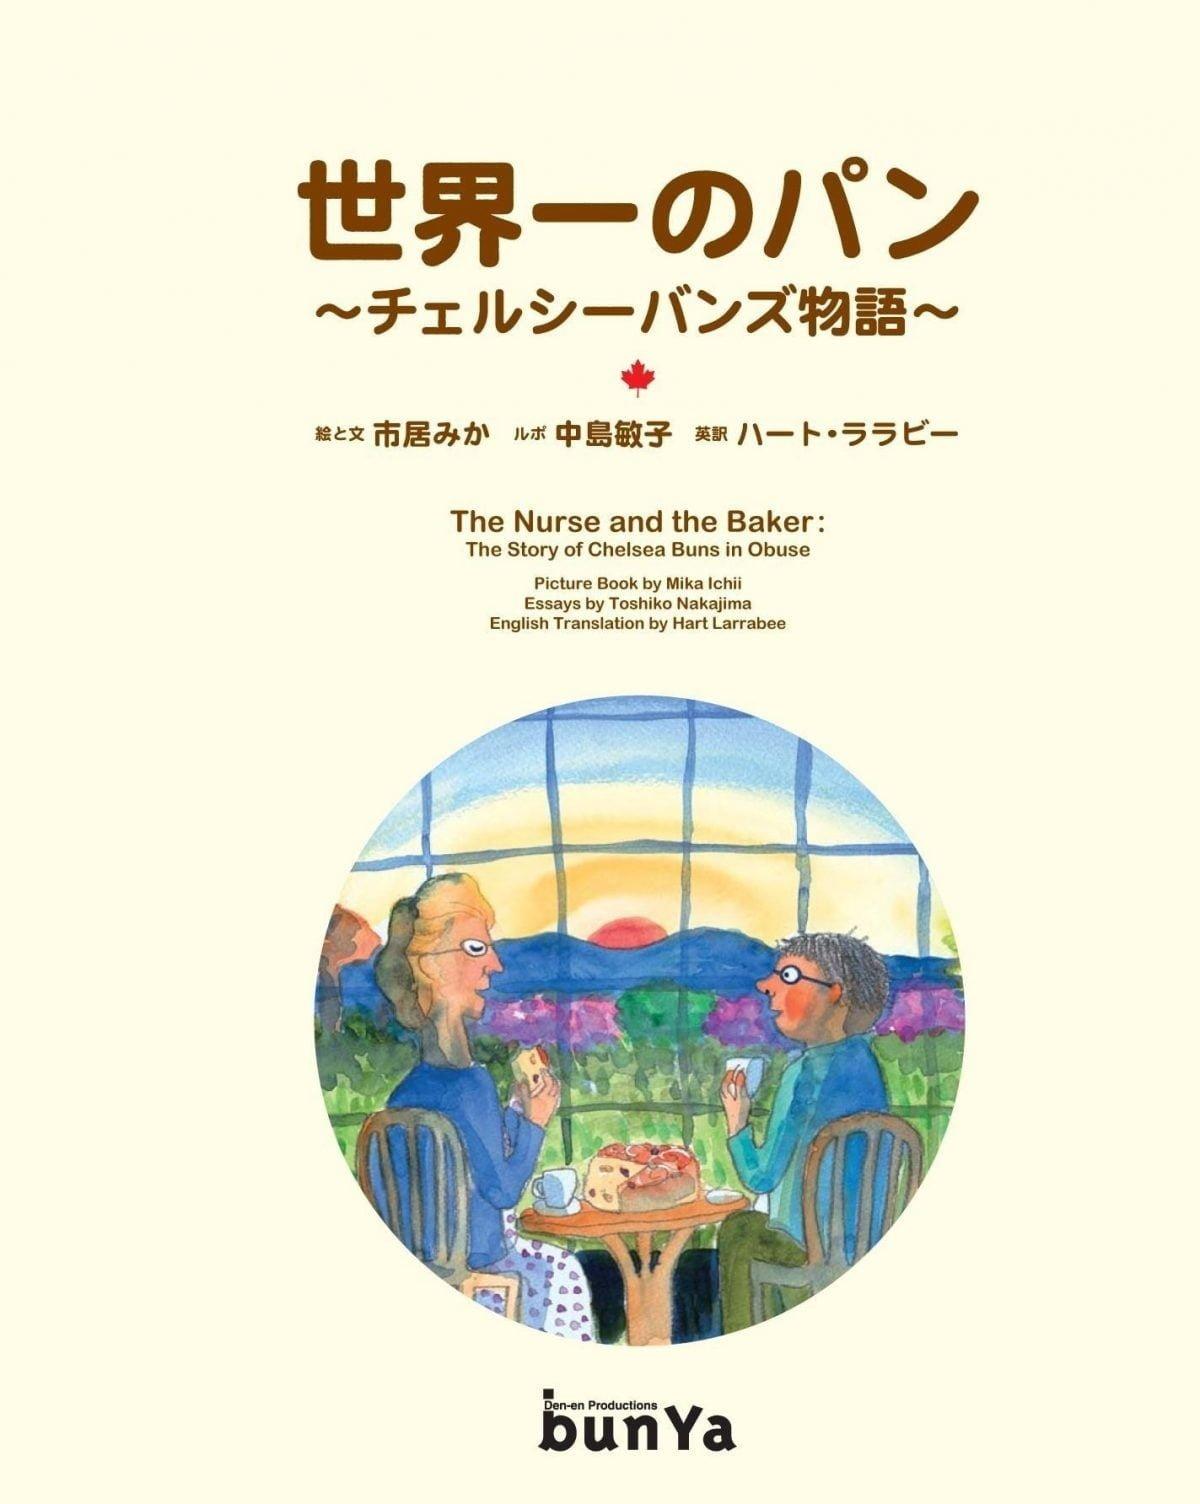 絵本「世界一のパン ~チェルシーバンズ物語」の表紙